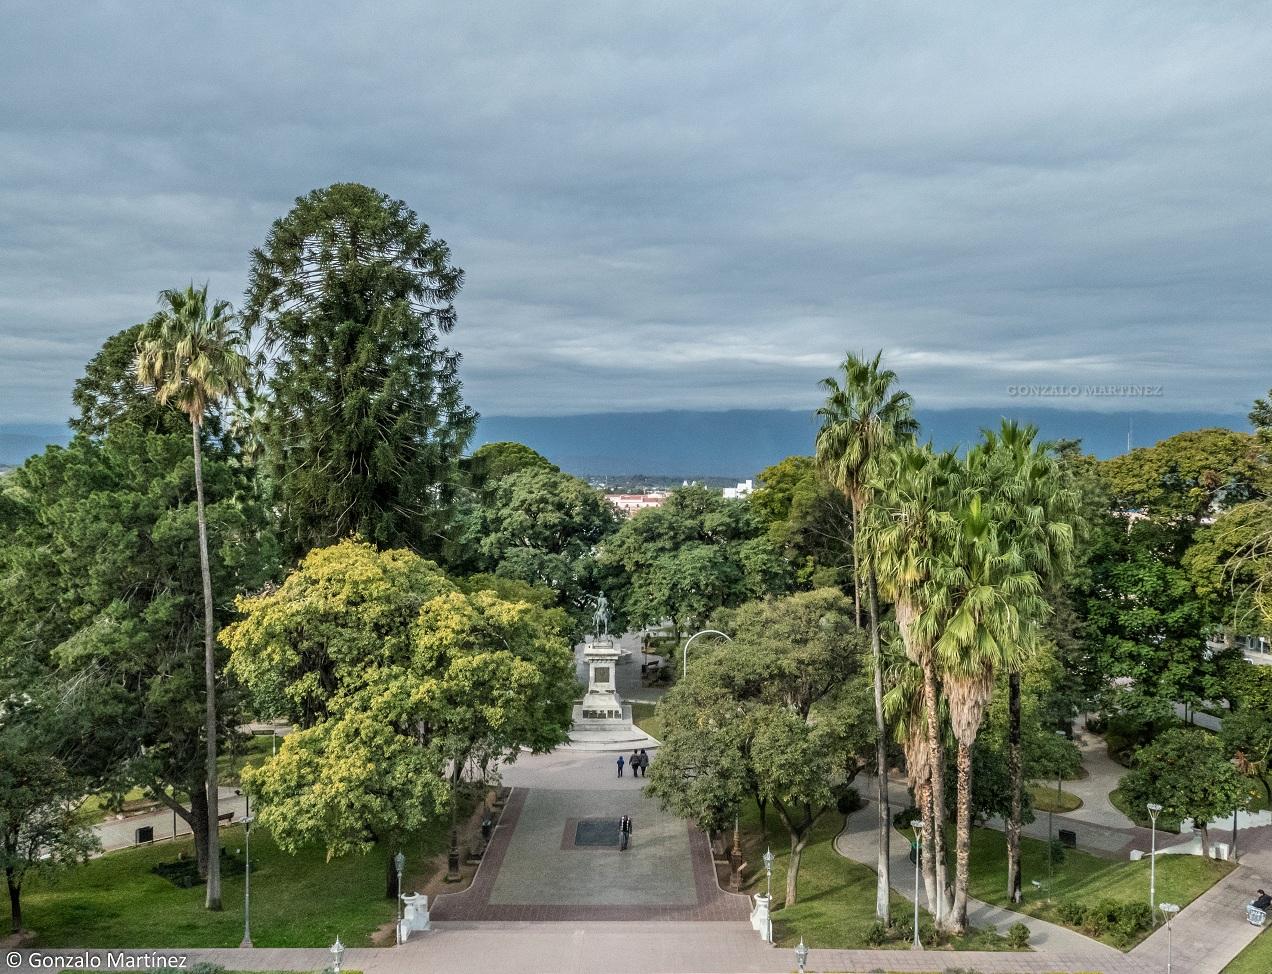 Paisajes Y Naturaleza De Catamarca Plaza 25 De Mayo Y Catedral Basilica